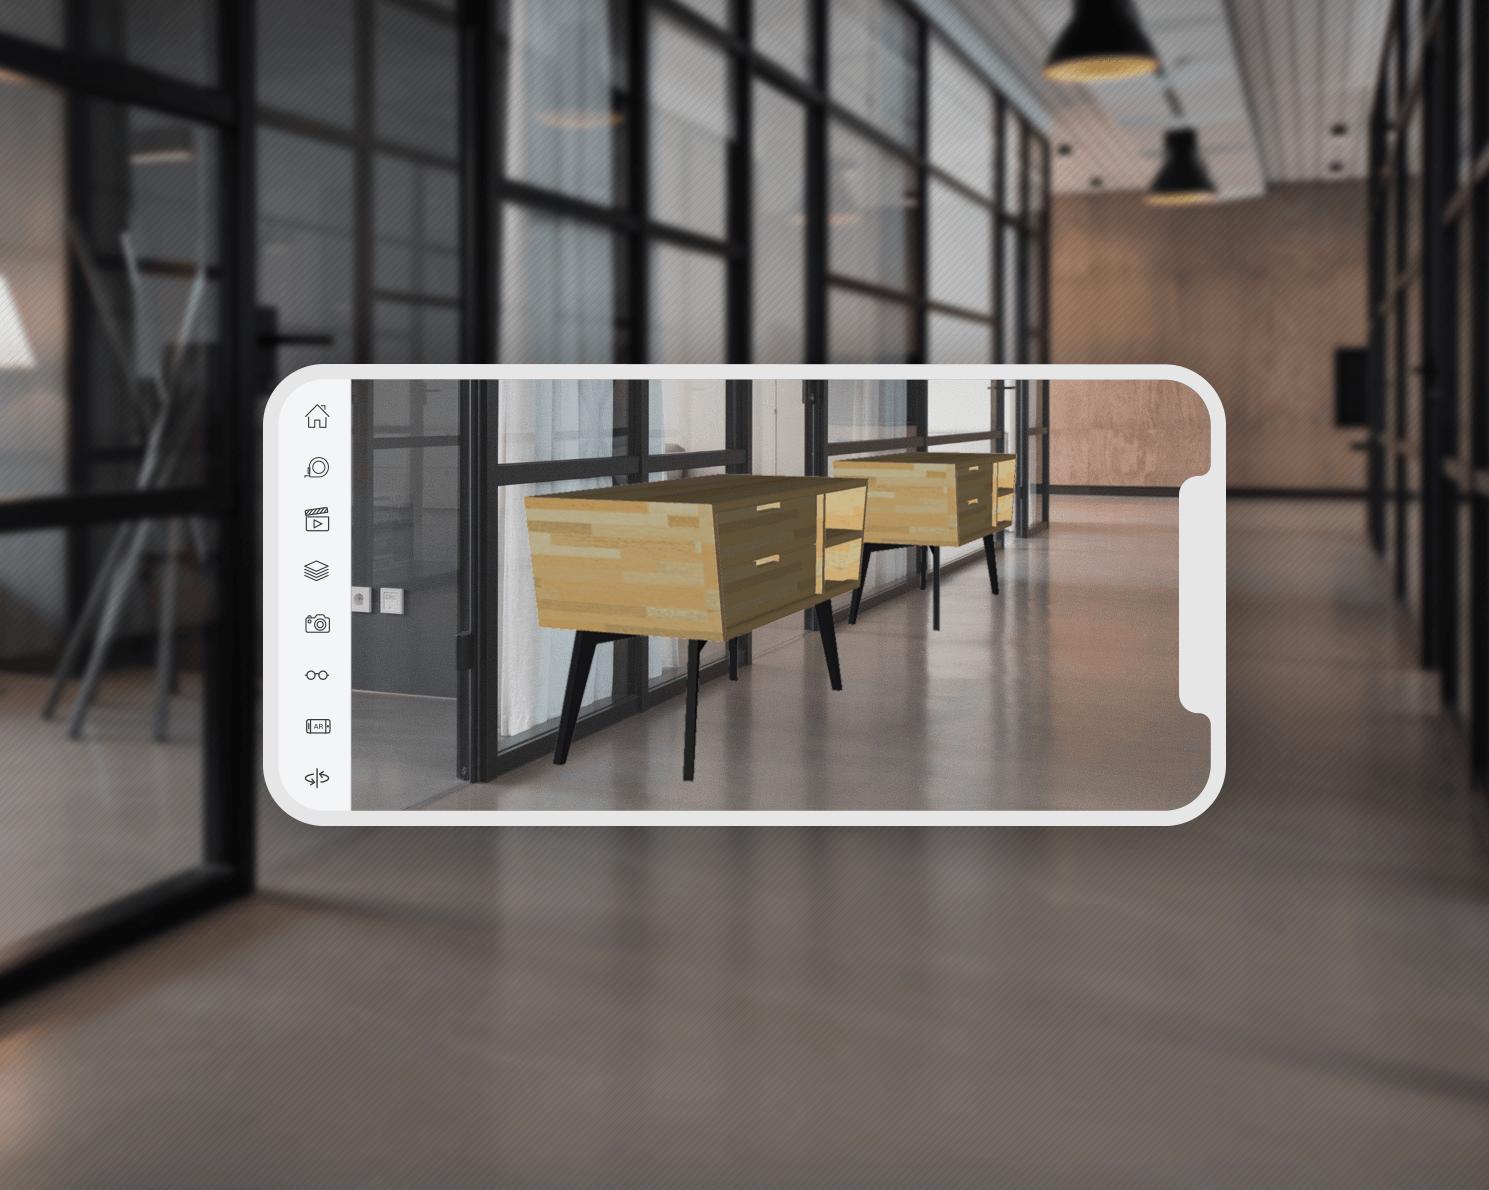 Wykorzystanie rzeczywistości rozszerzonej na telefonie ze SketchUp Viewer for Mobile.